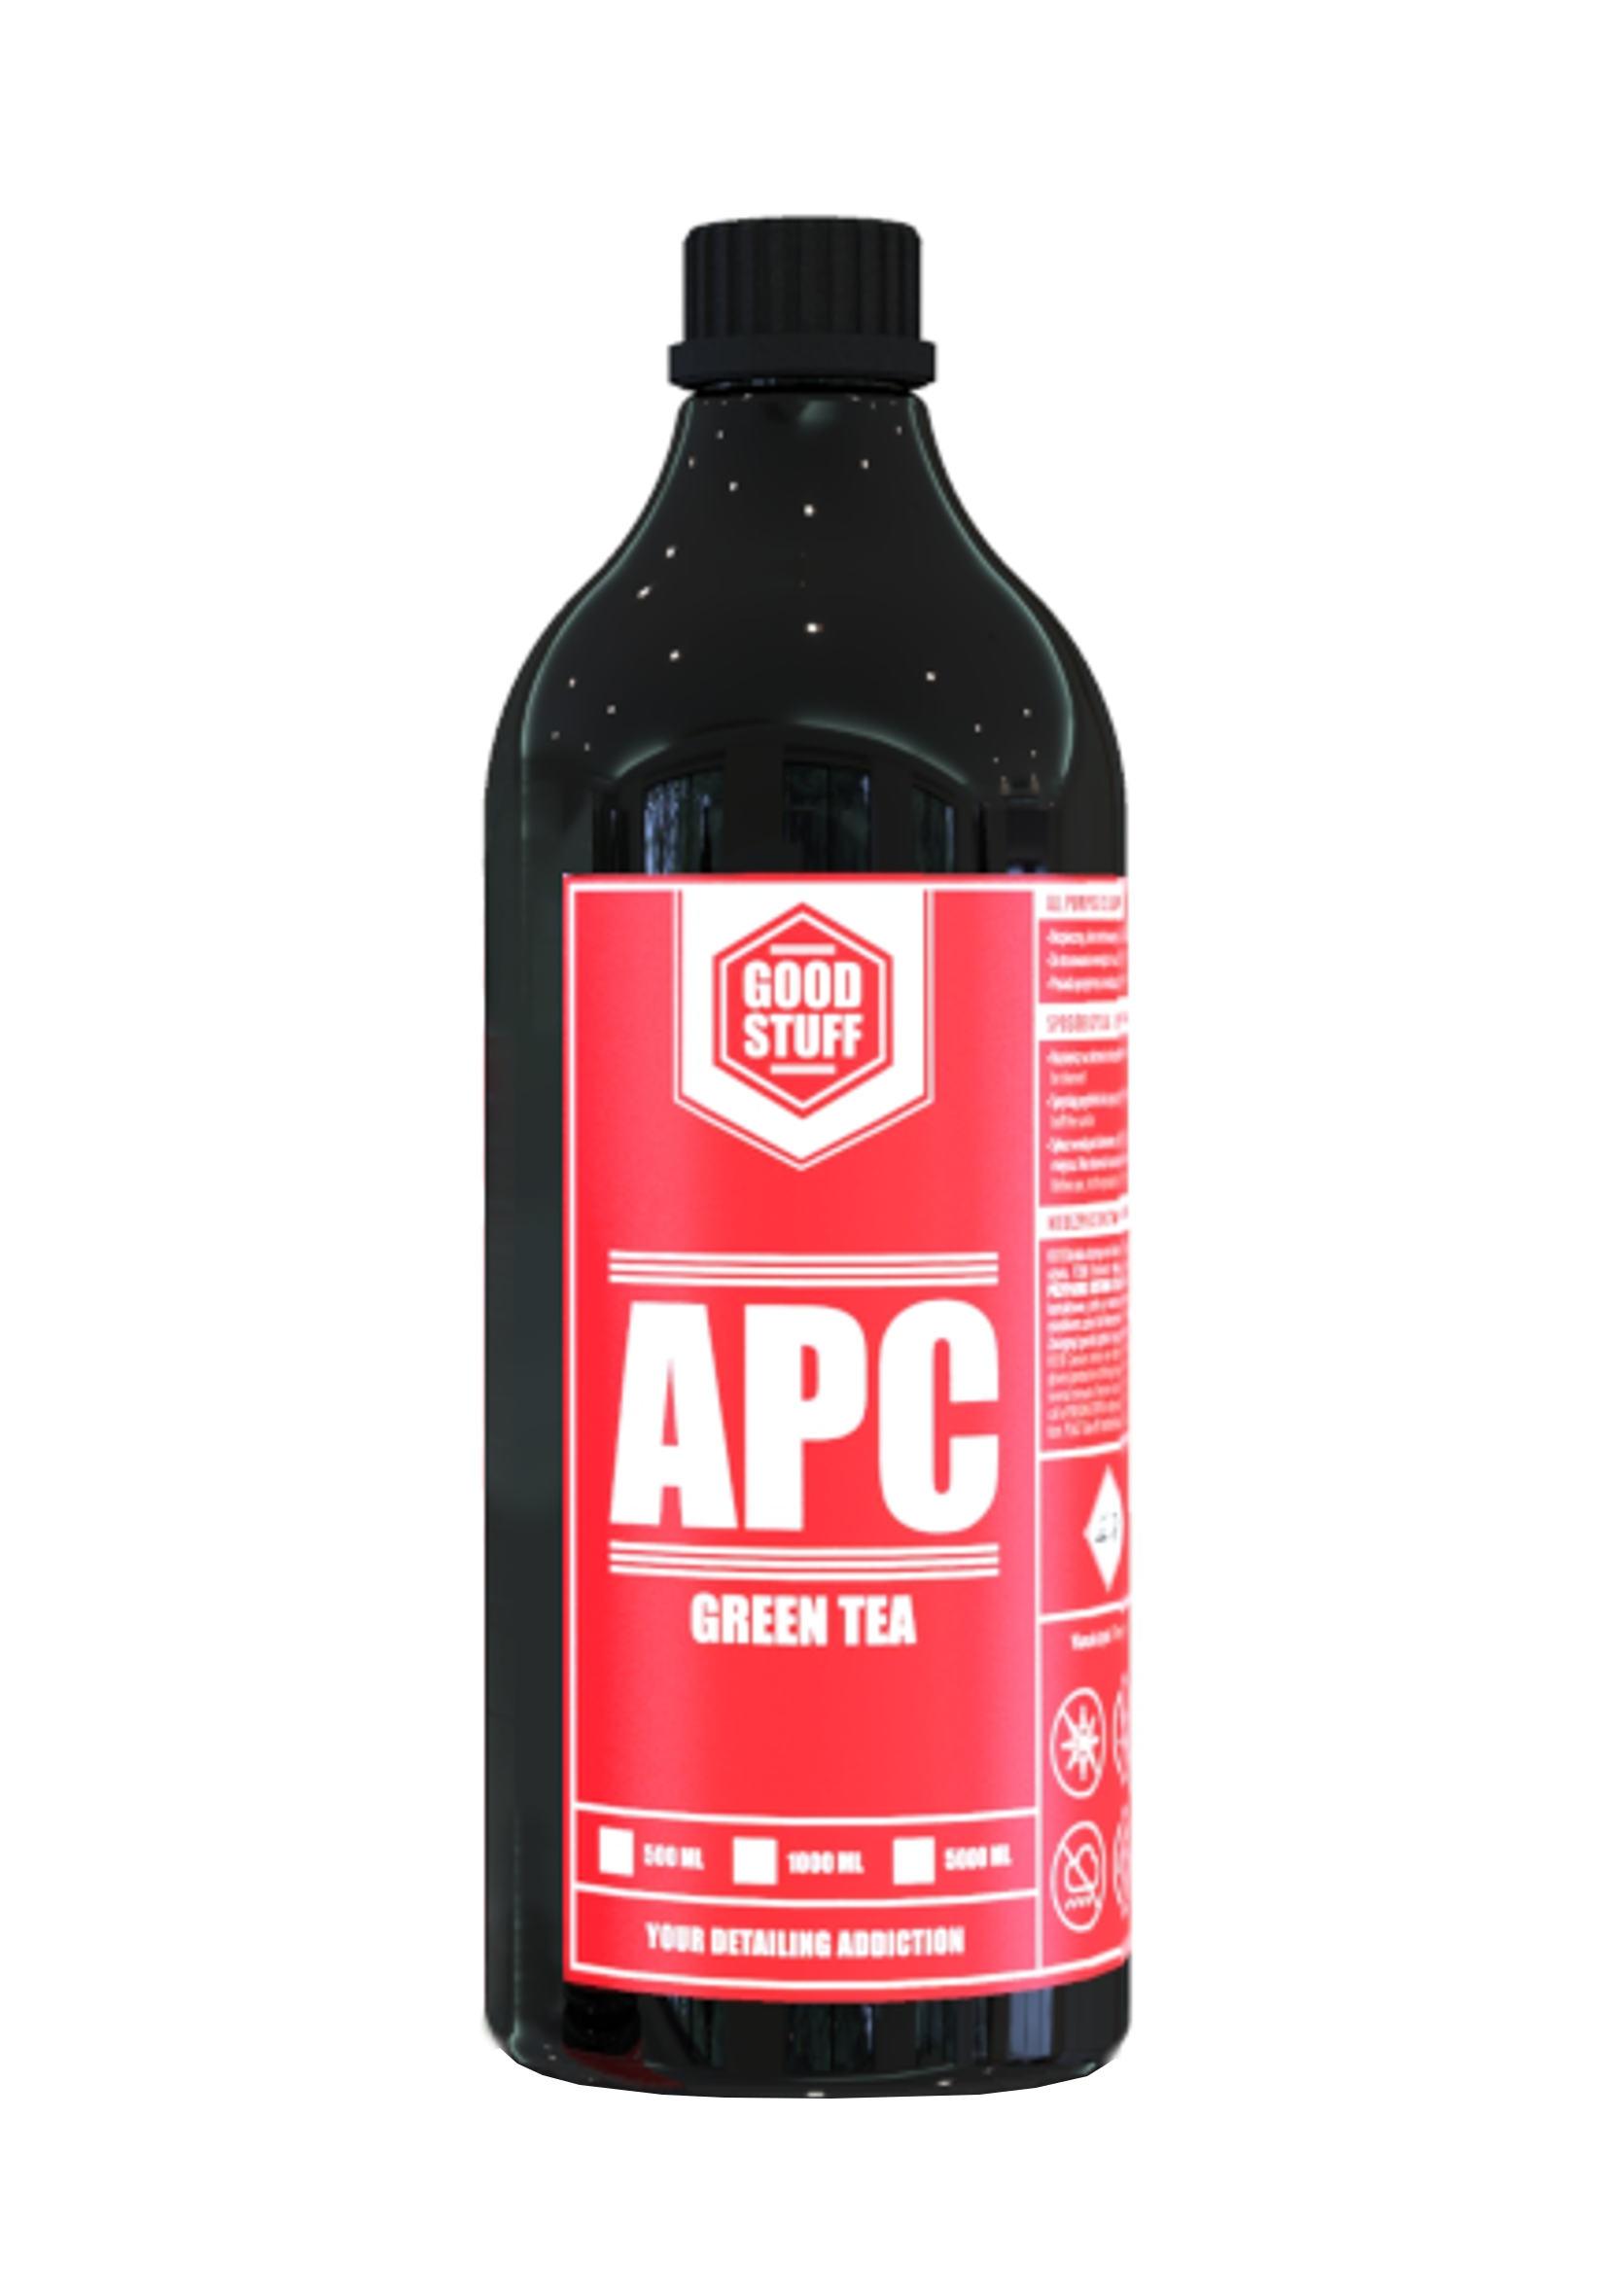 Good Stuff APC Green Tea 1L Uniwersalny Koncentrat do Czyszczenia Wnętrza